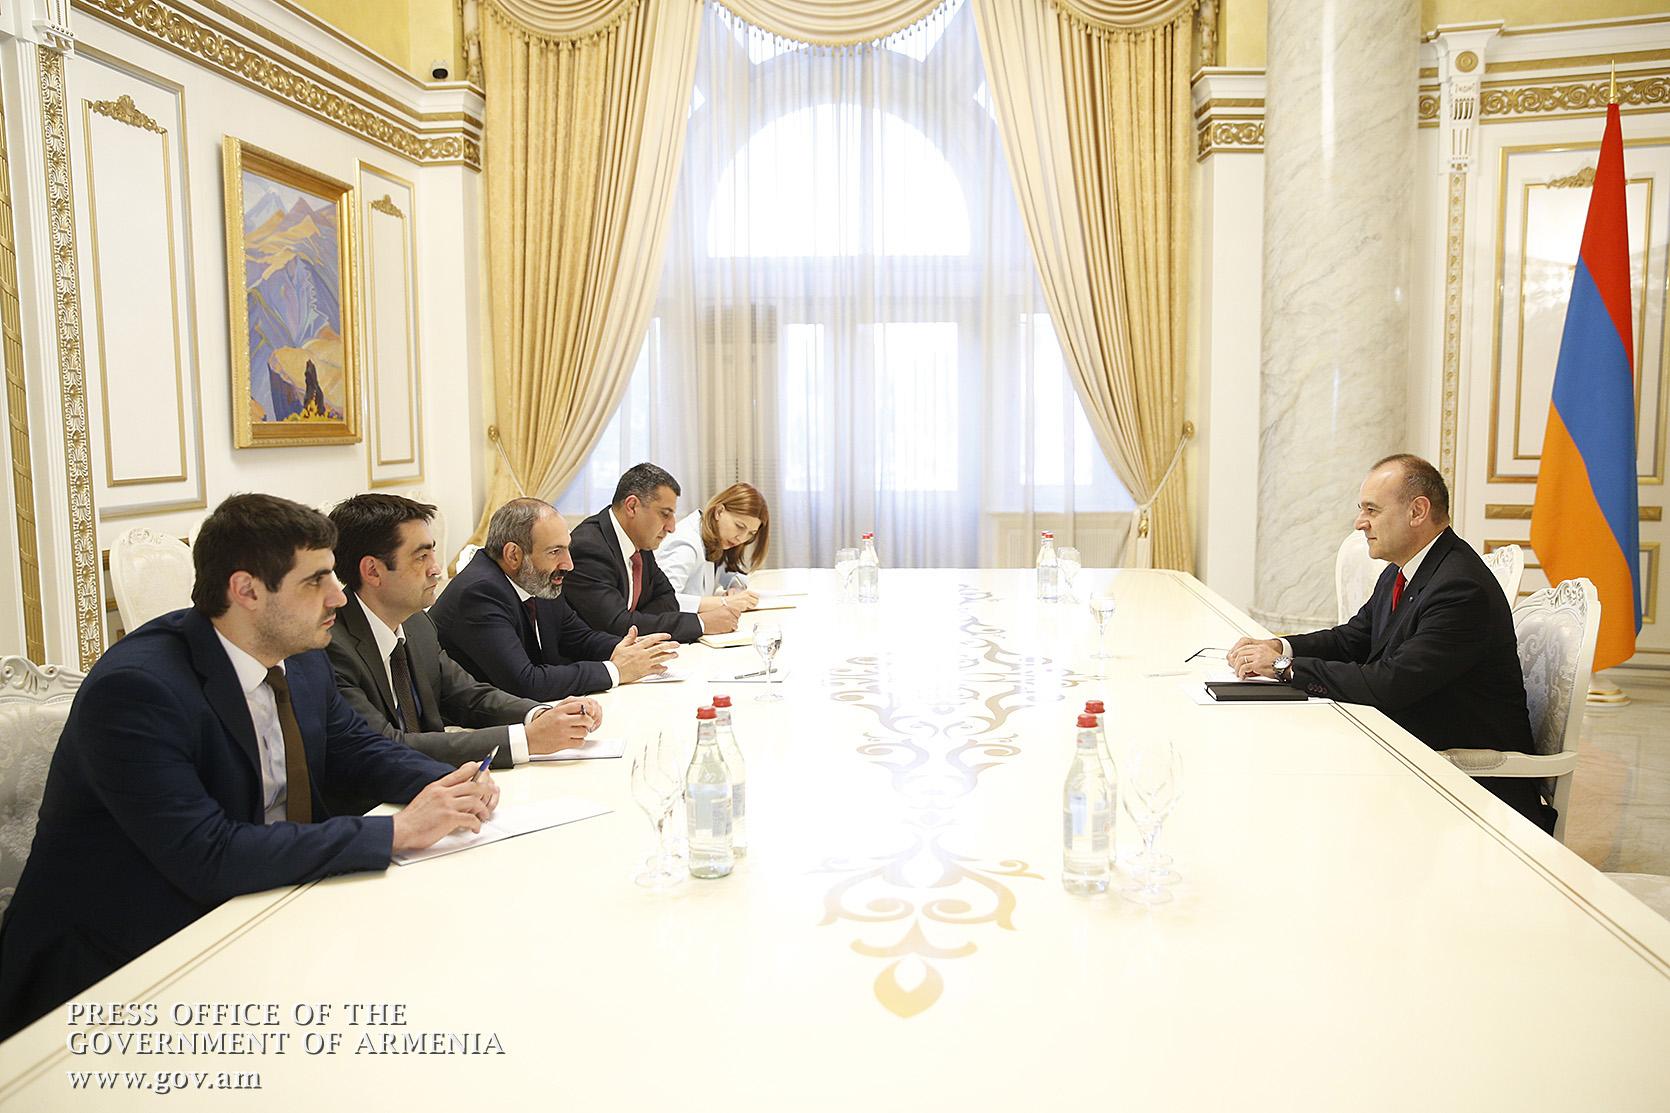 Իտալական ընկերությունները հետաքրքրված են Հայաստանում ներդրումային ծրագրերի իրականացմամբ․ Վարչապետն ընդունել է ՀՀ-ում Իտալիայի դեսպանին